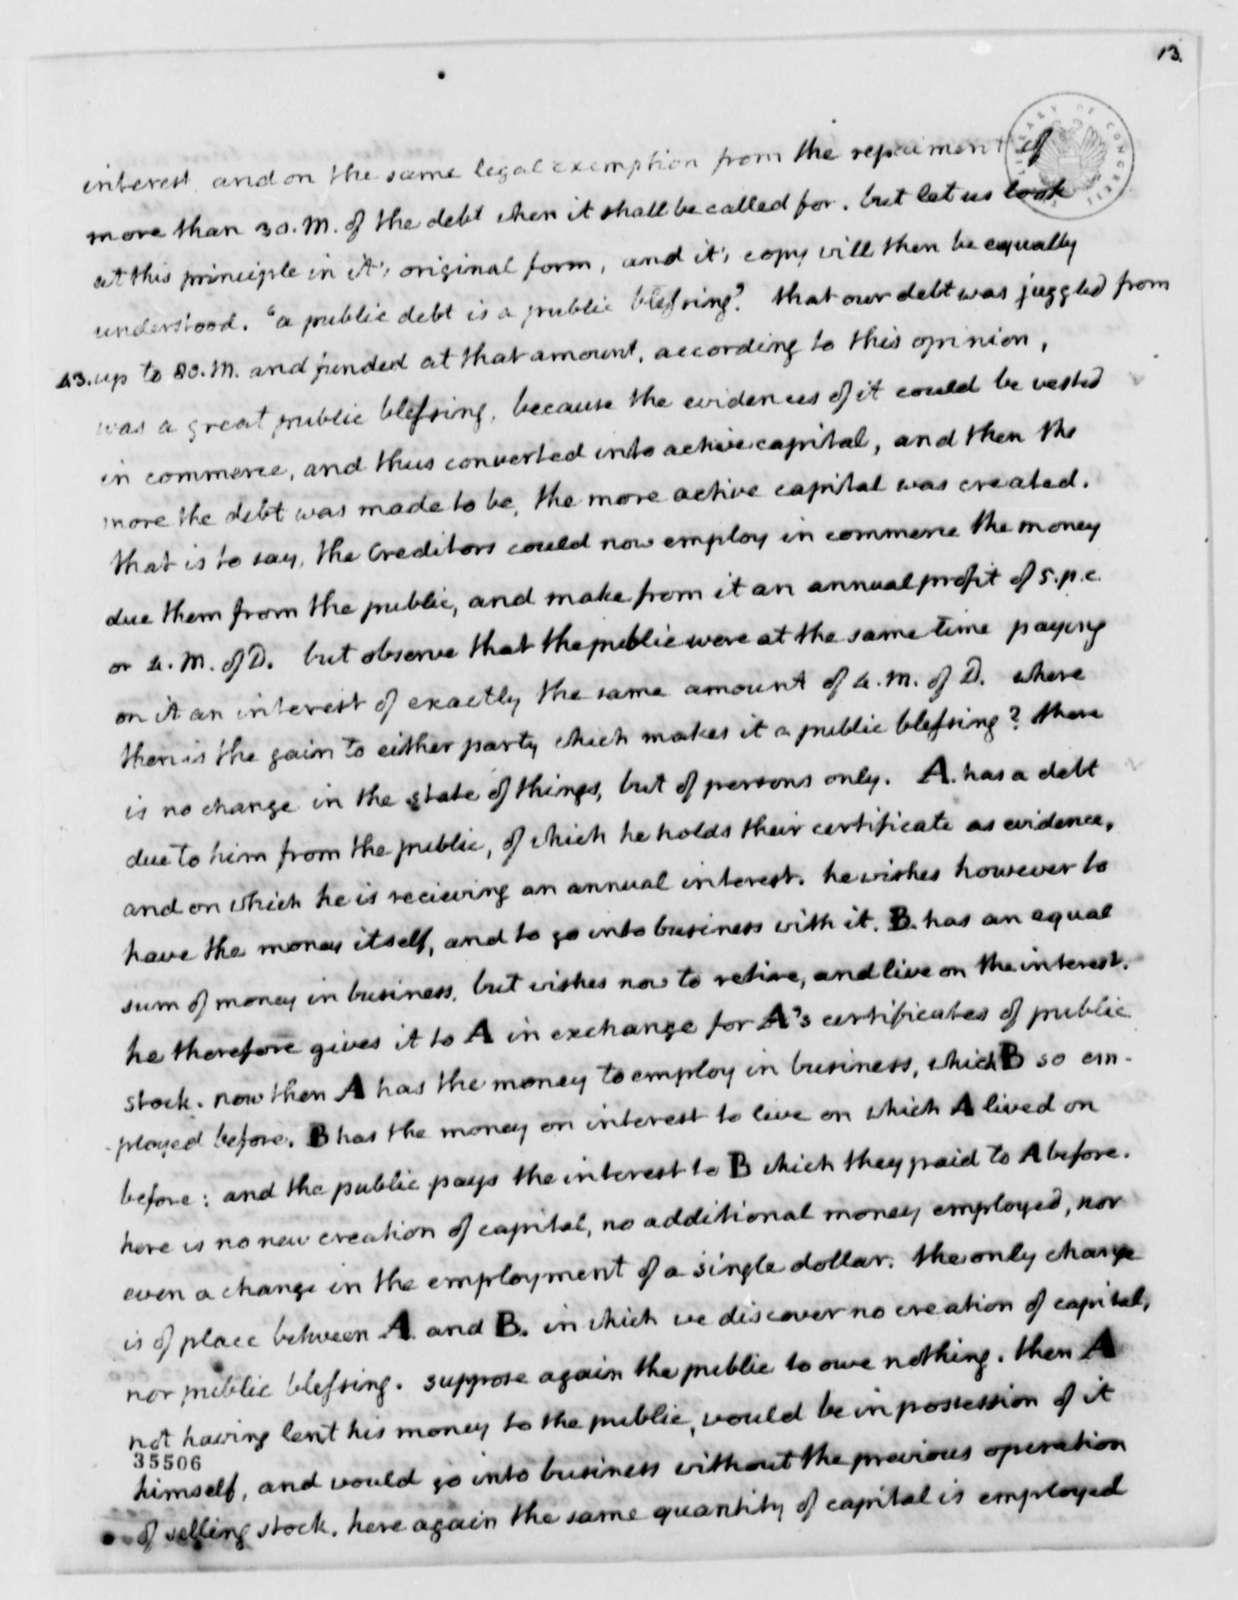 Thomas Jefferson to John Wayles Eppes, November 6, 1813